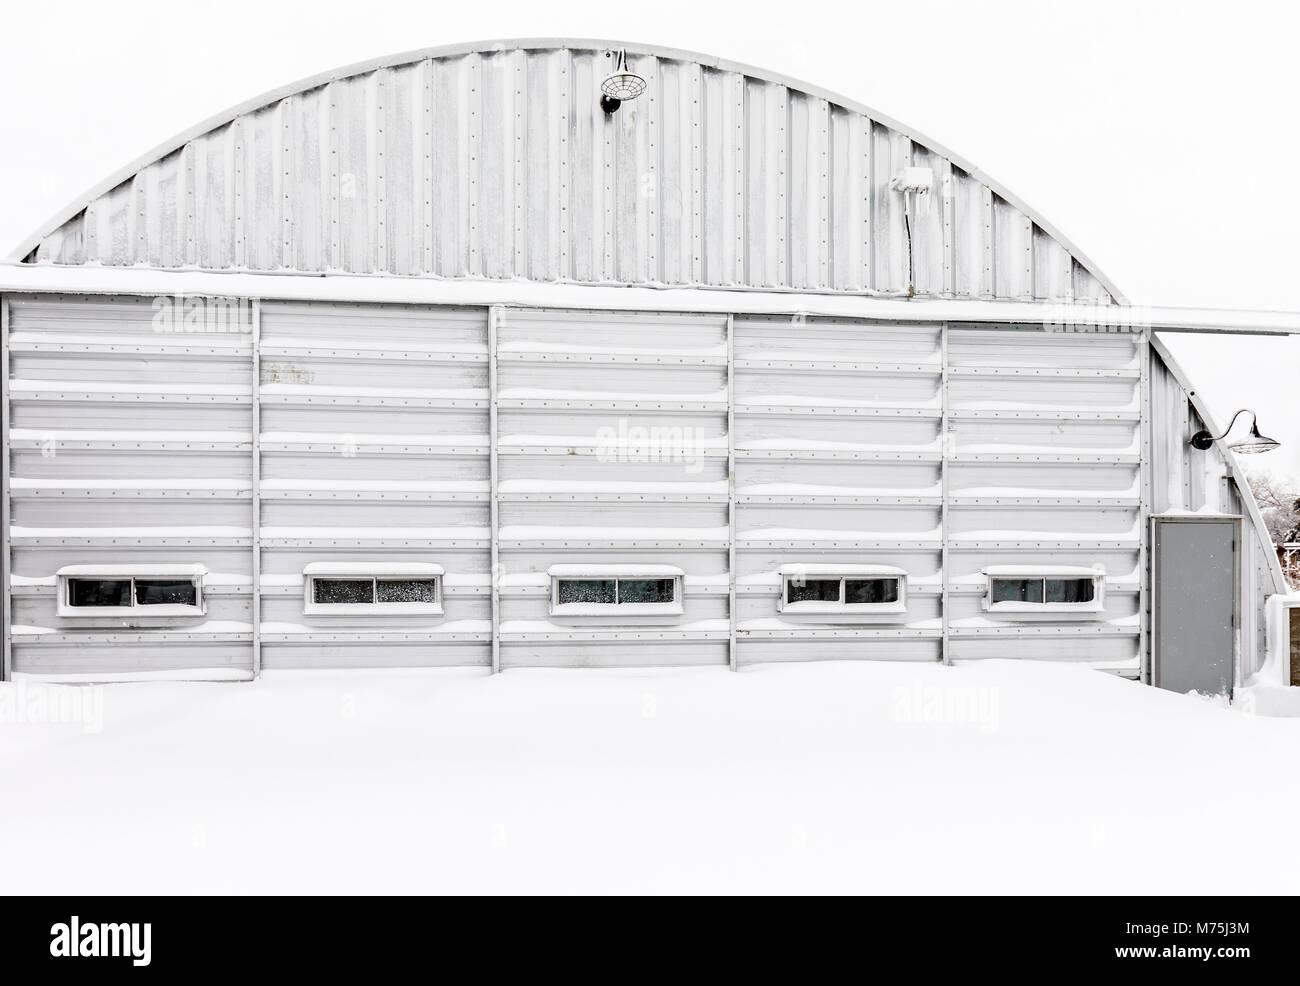 Edifício de metal corrugado, Manitoba, Canadá. Imagens de Stock